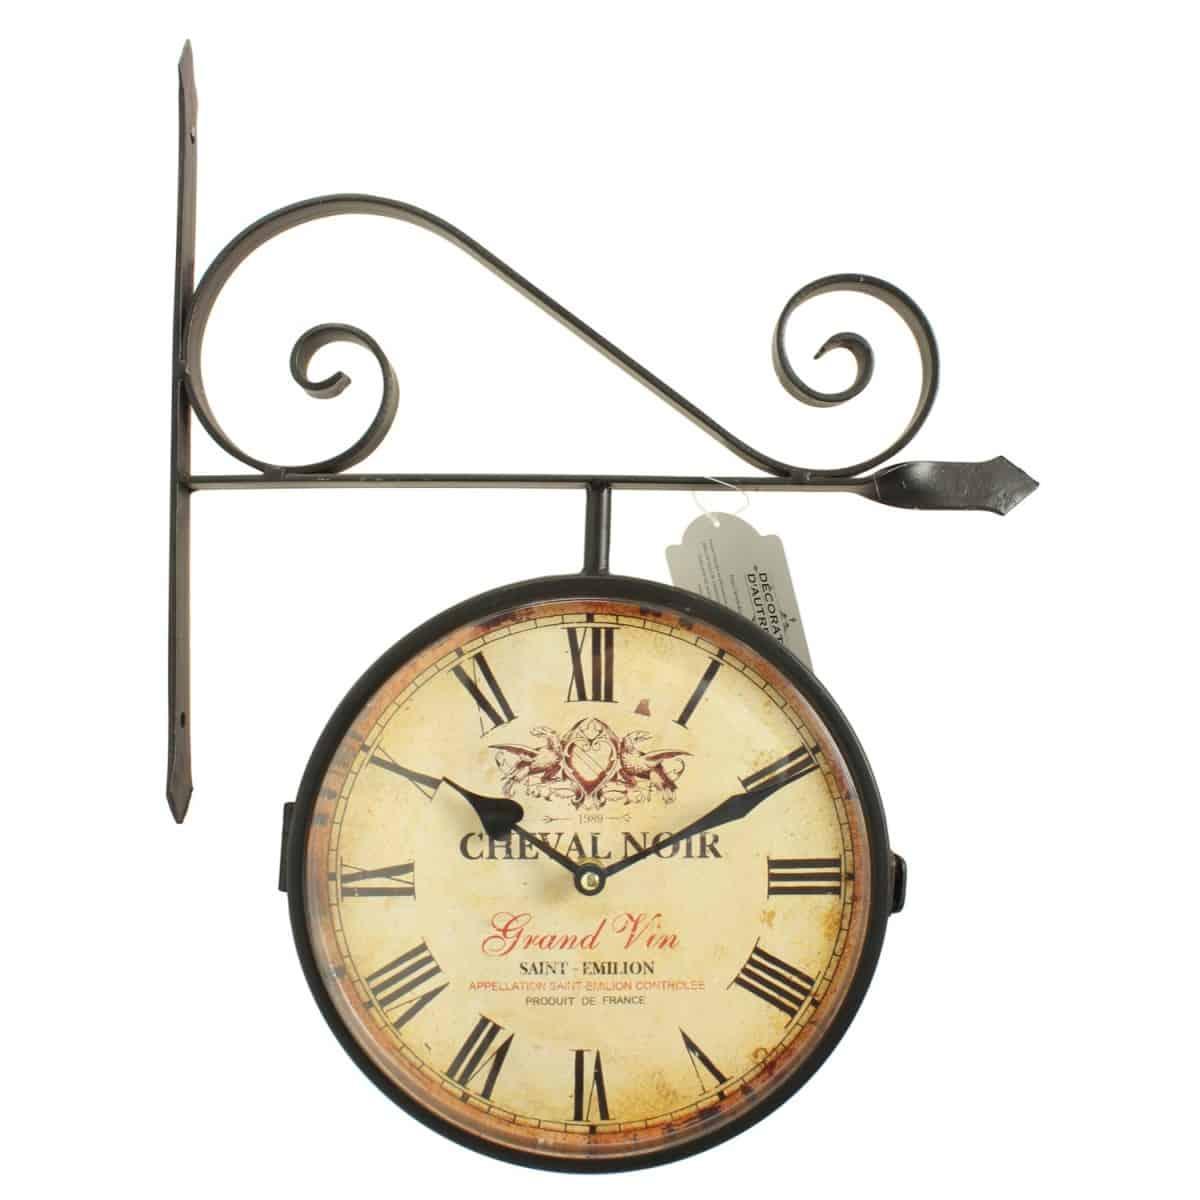 Décoration d'Autrefois Horloge De Gare Ancienne Double Face Cheval Noir 24cm - Fer Forgé - Blanc